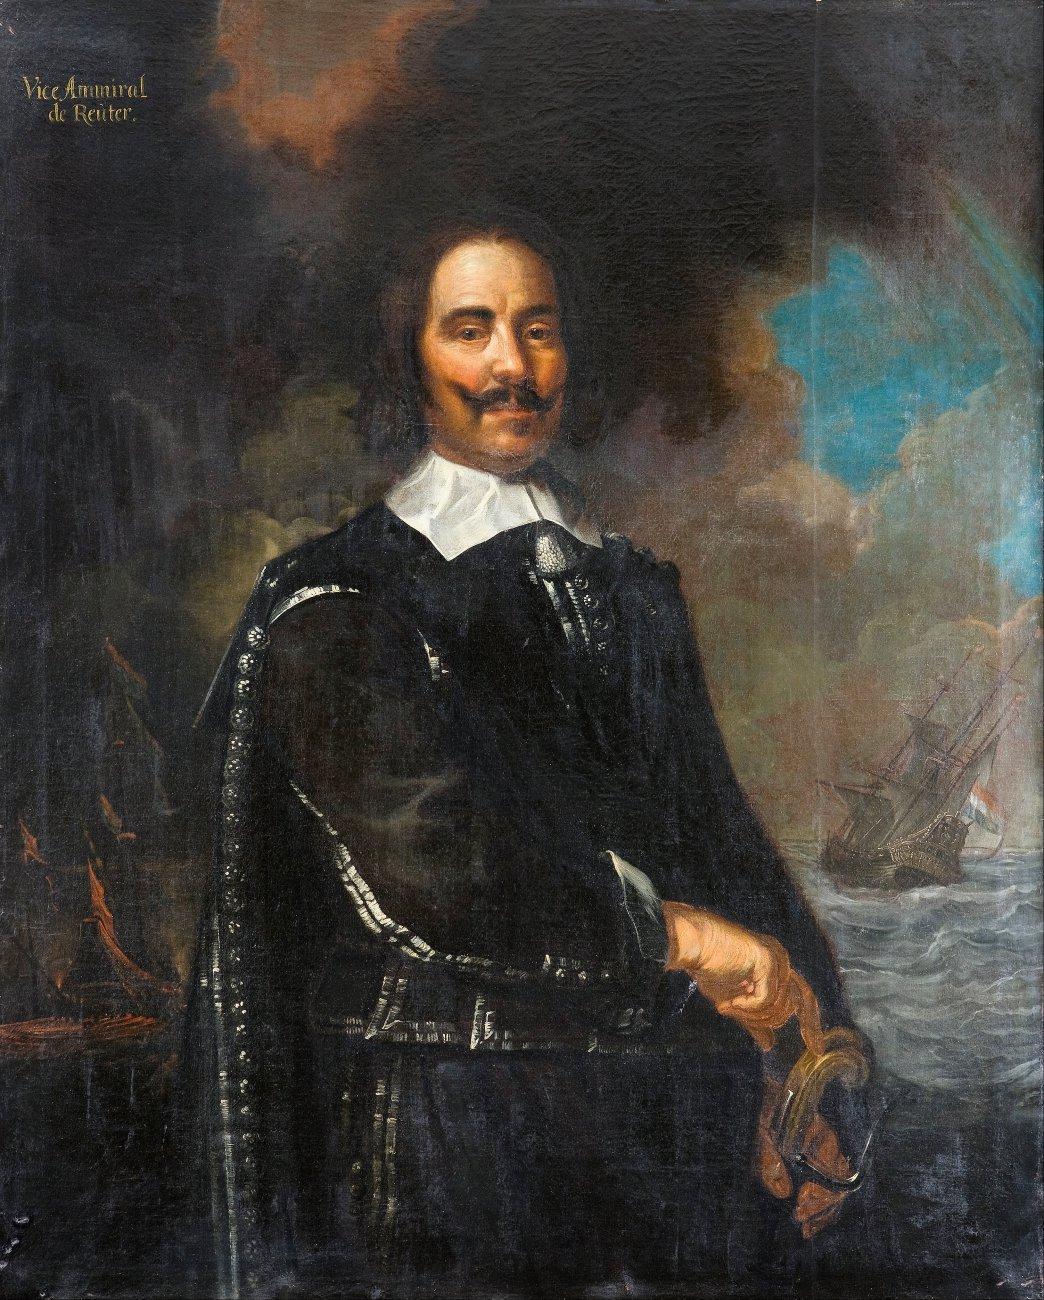 Karel_van_Mander_Iii_-_Michiel_Adriaanszoon_Reuter_(1607-76)_-_Google_Art_Project.jpg